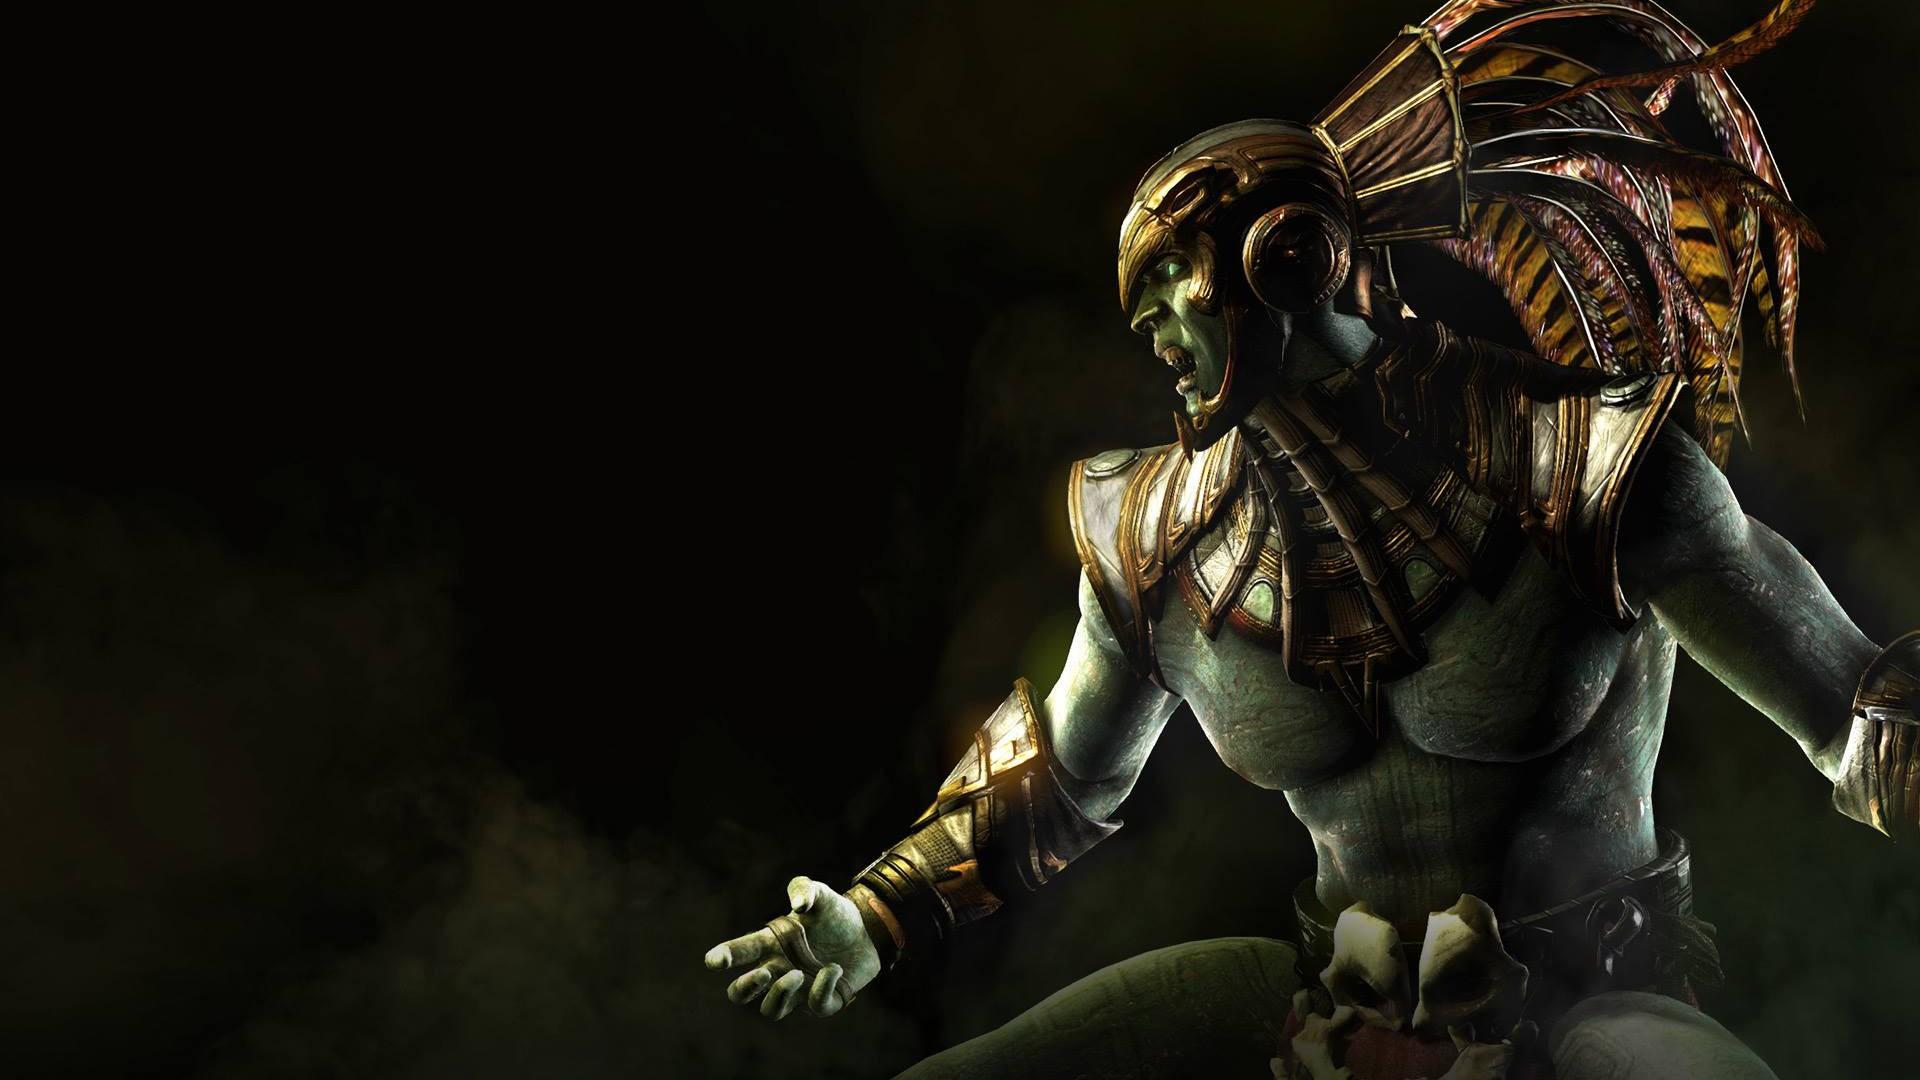 Mortal Kombat X HD Wallpaper   Background Image   1920x1080   ID ...